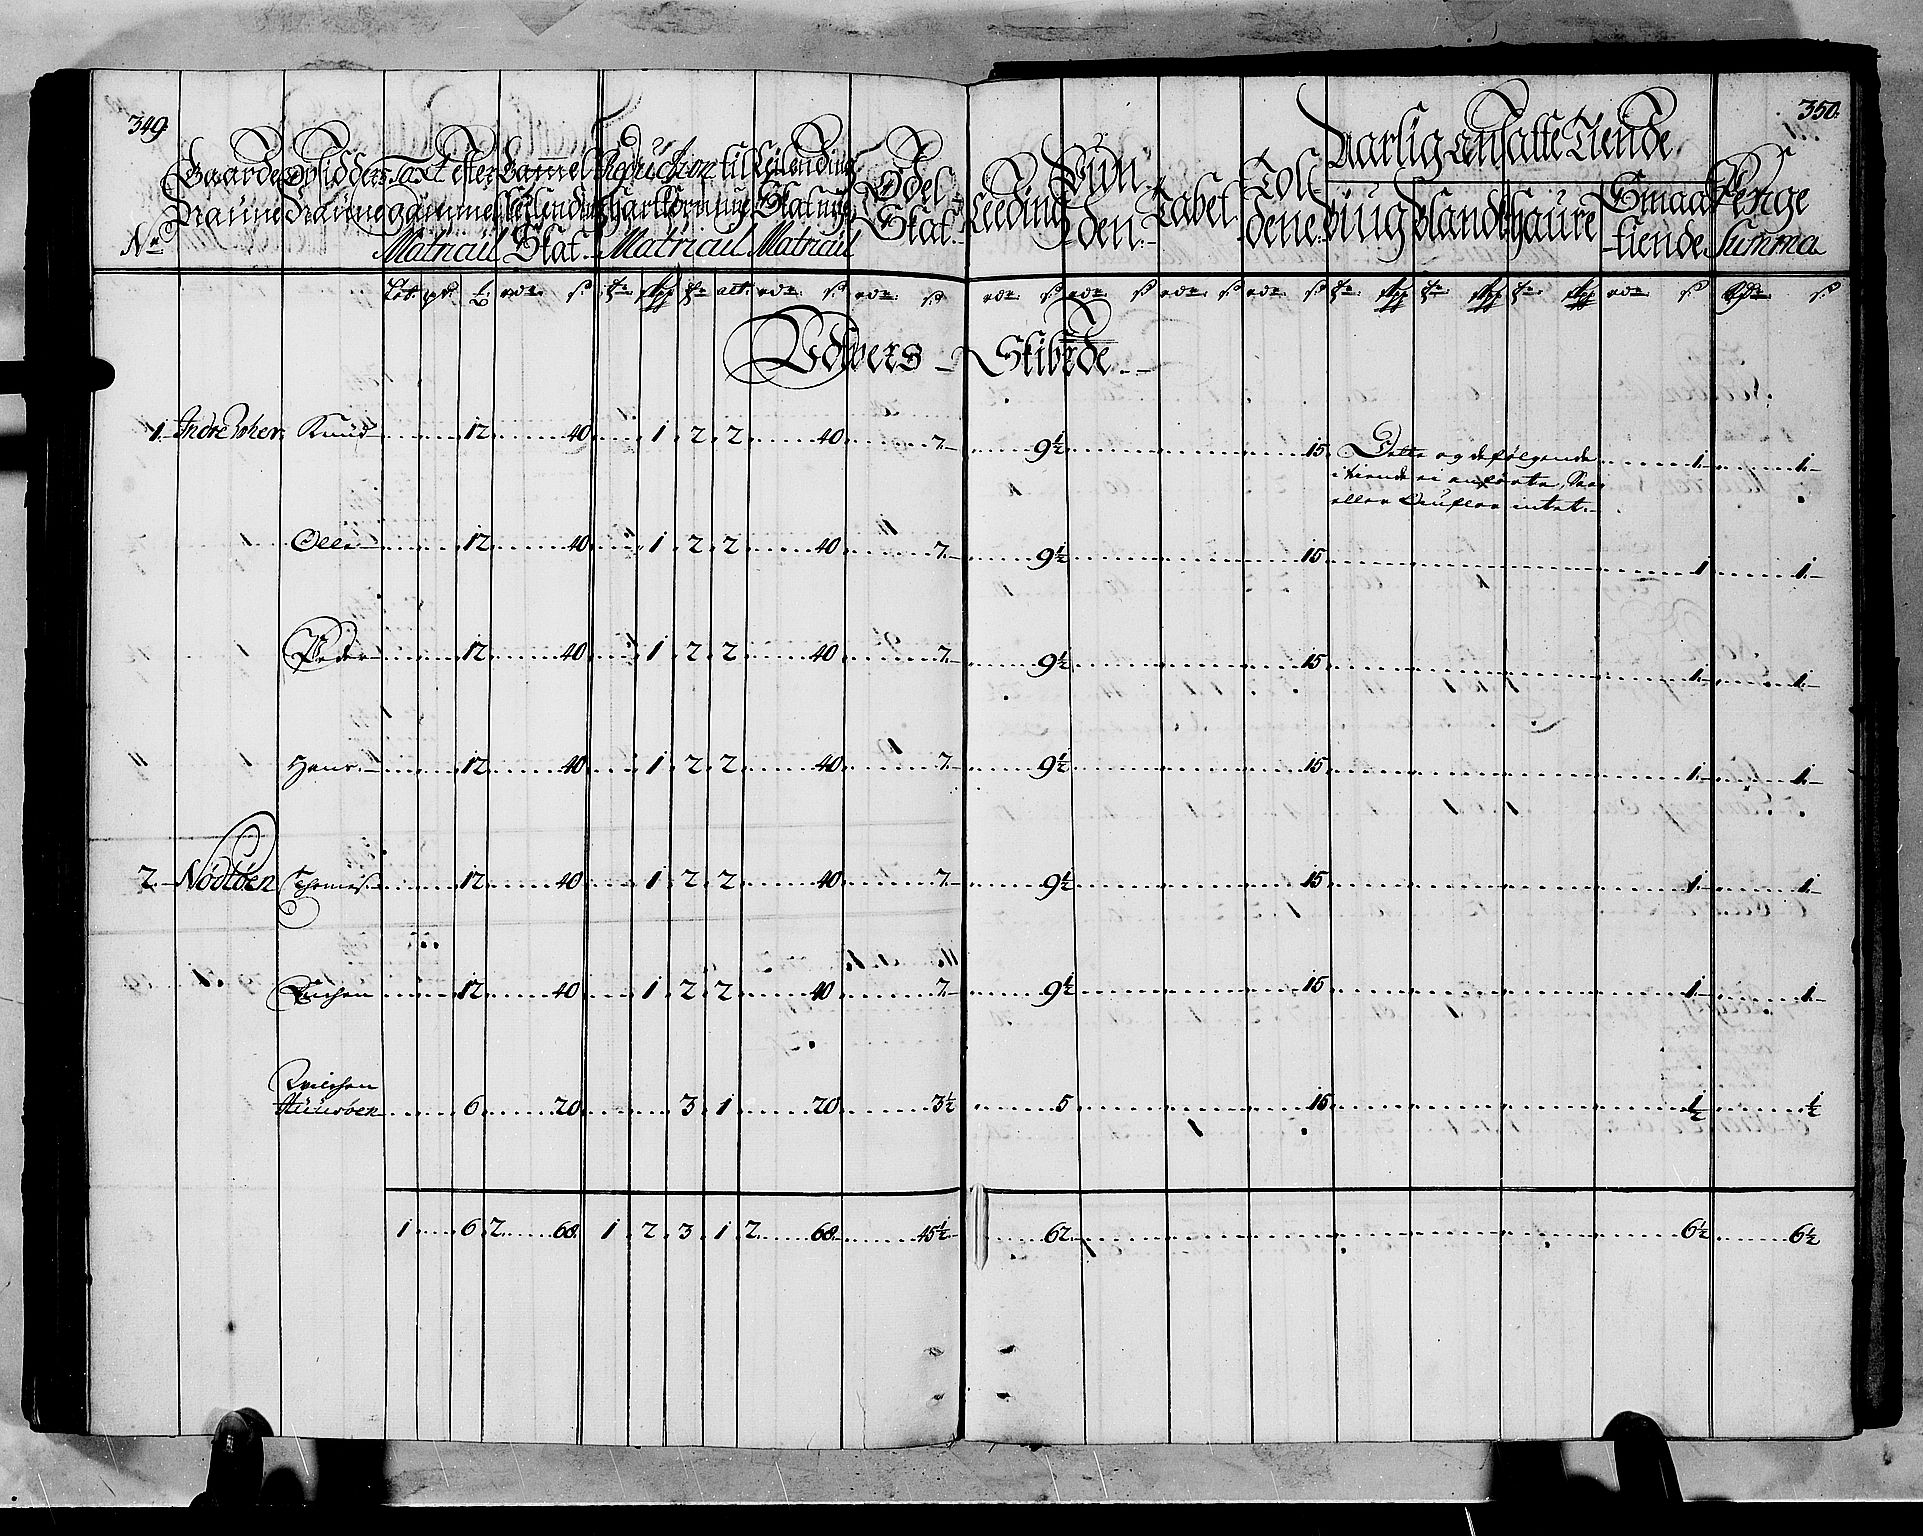 RA, Rentekammeret inntil 1814, Realistisk ordnet avdeling, N/Nb/Nbf/L0145: Ytre Sogn matrikkelprotokoll, 1723, s. 349-350